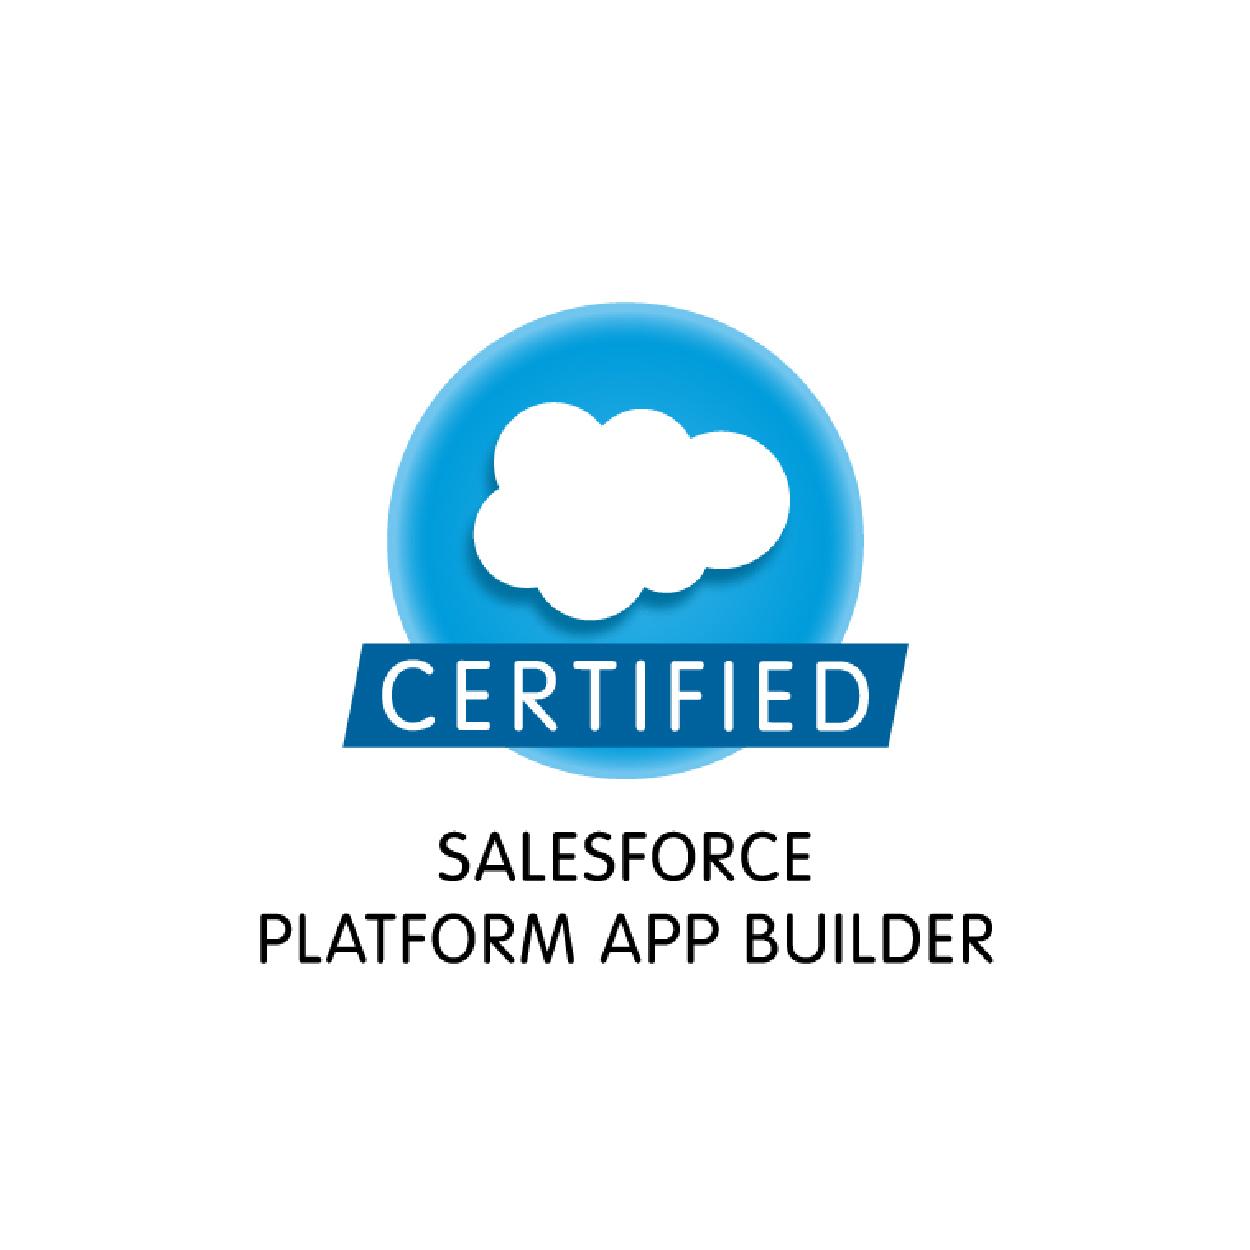 salesforce_certified-04.jpg